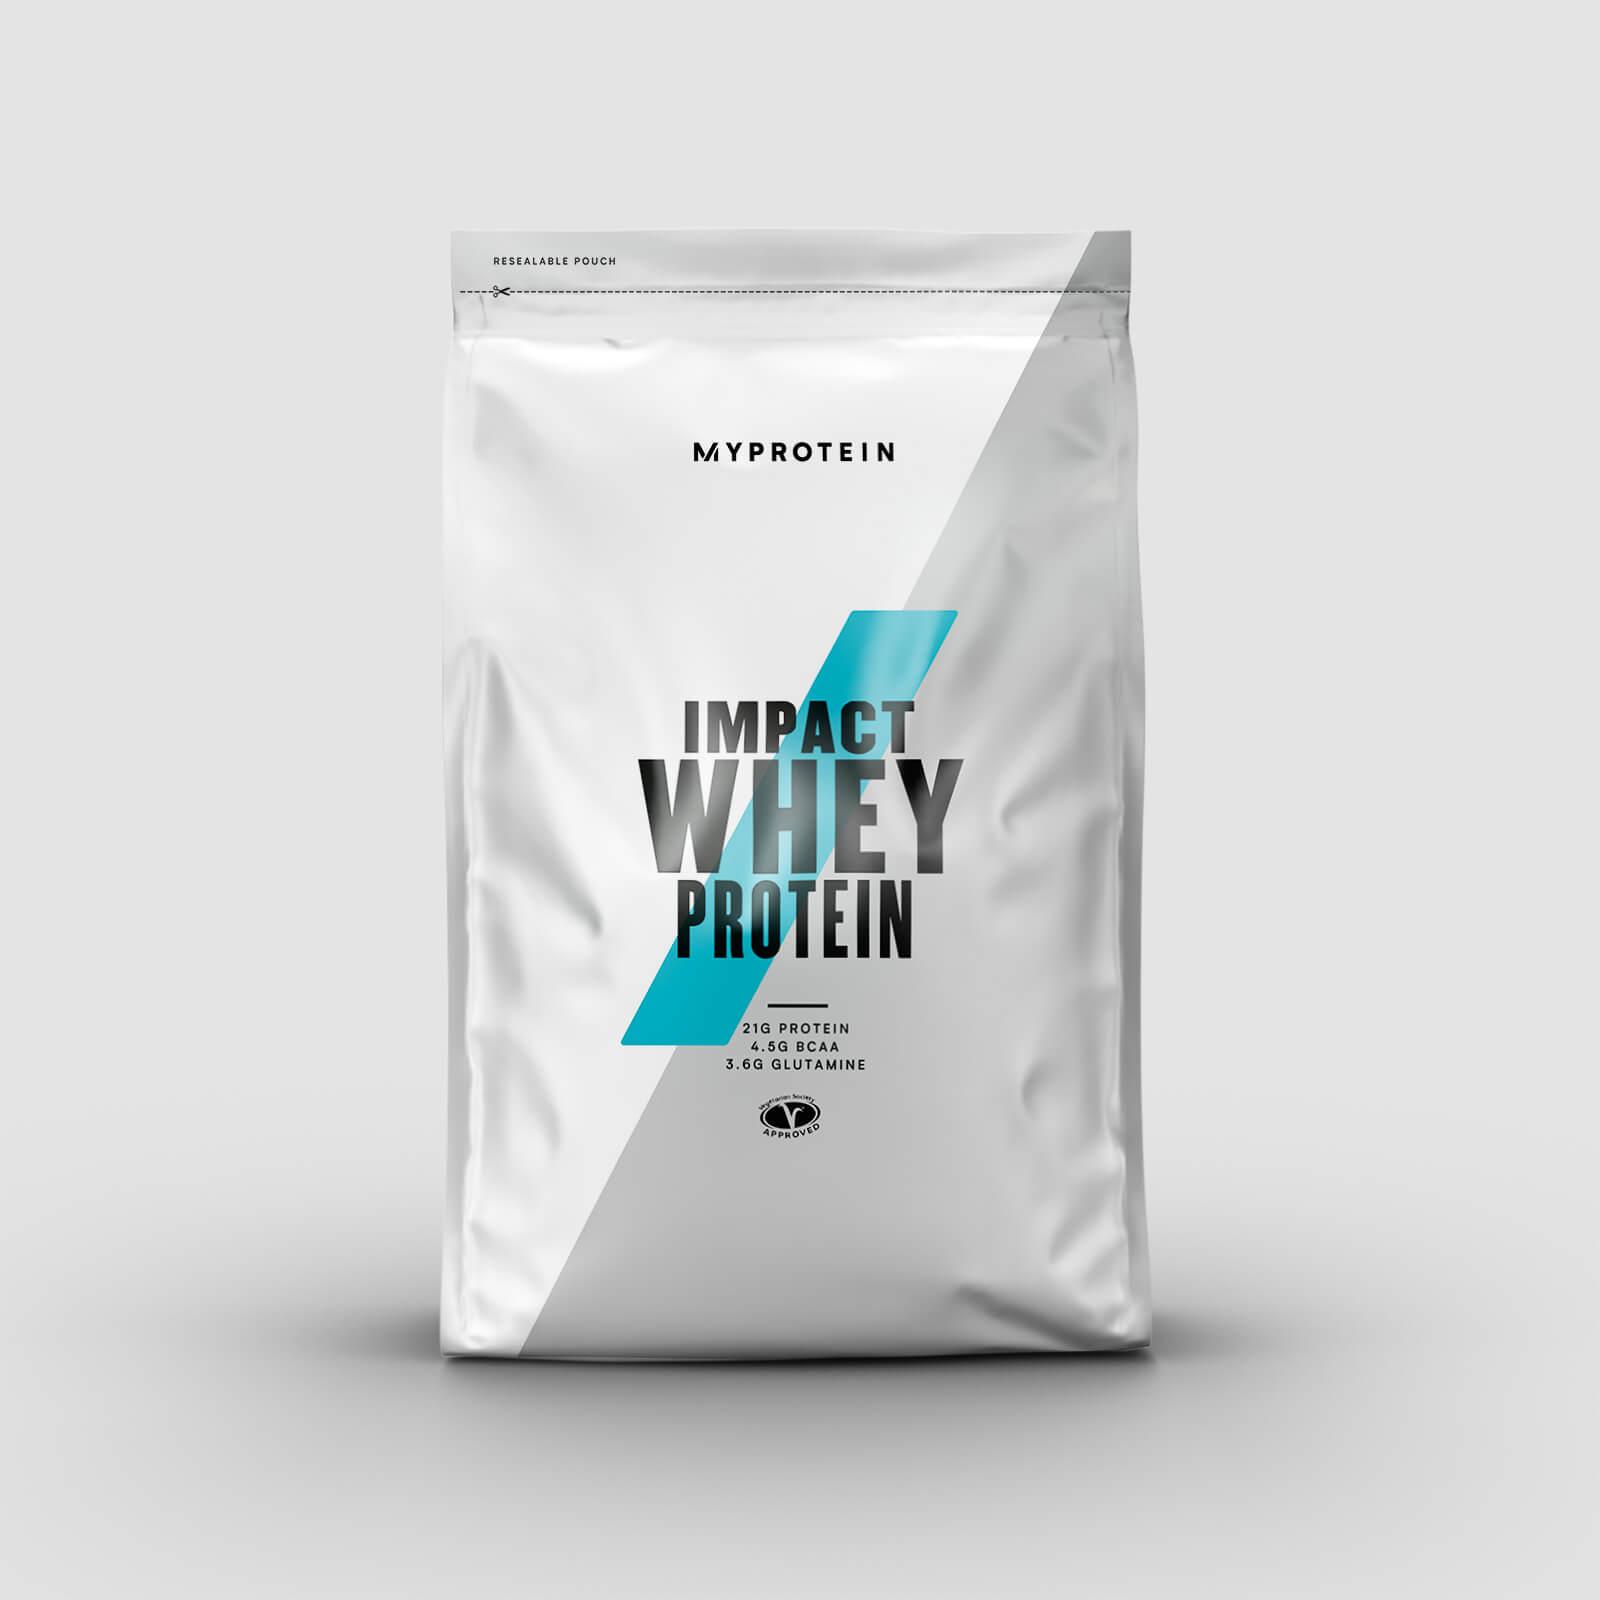 Myprotein Impact Whey Protein - 2.5kg - Chocolat Naturel